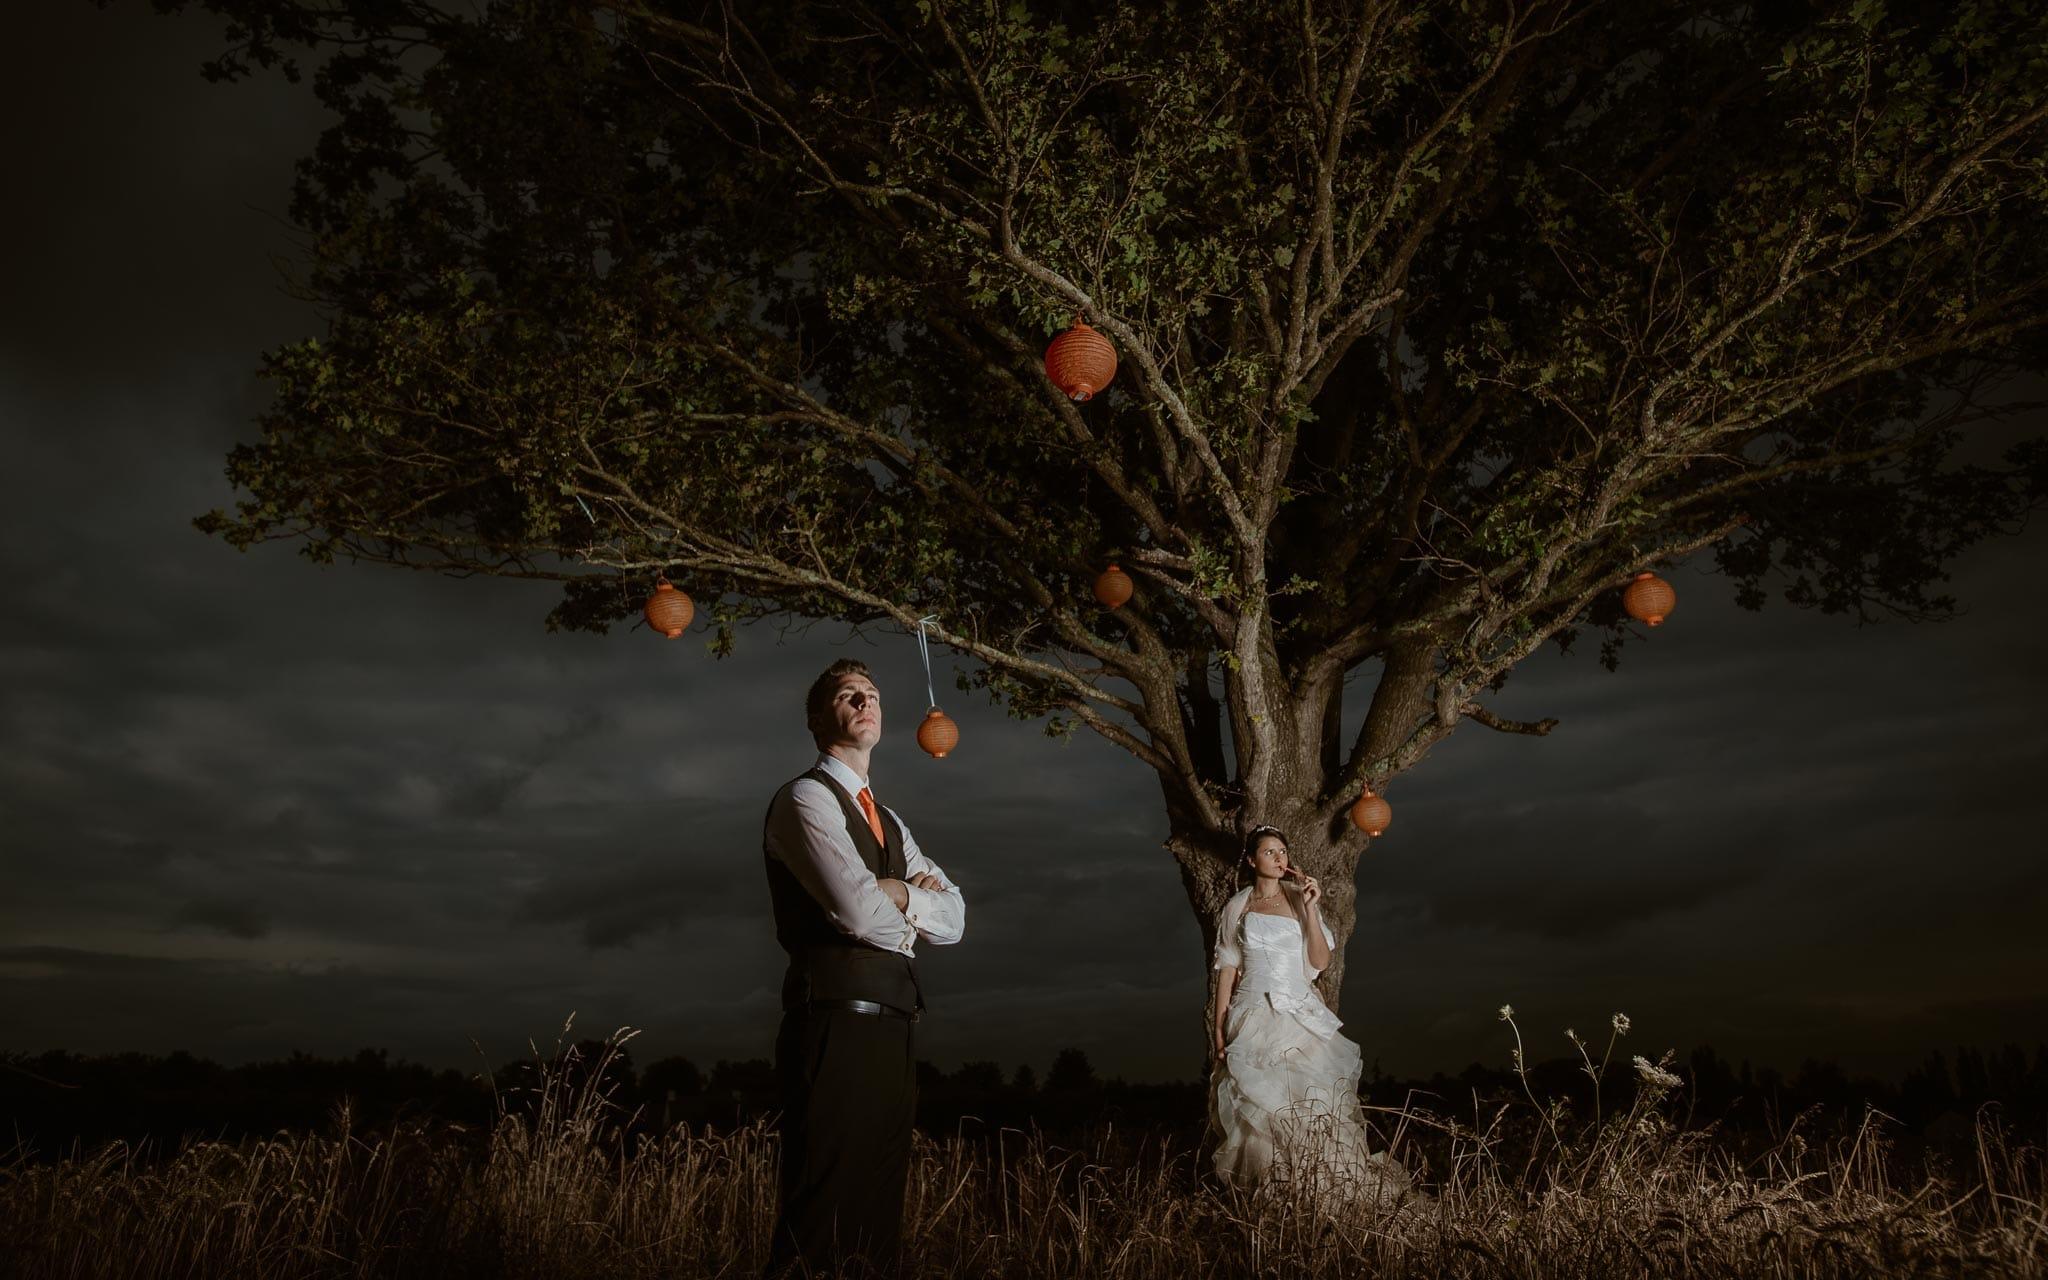 Séance couple après mariage fantastique & poétique inspirée Tim Burton près de Nantes par Geoffrey Arnoldy photographe